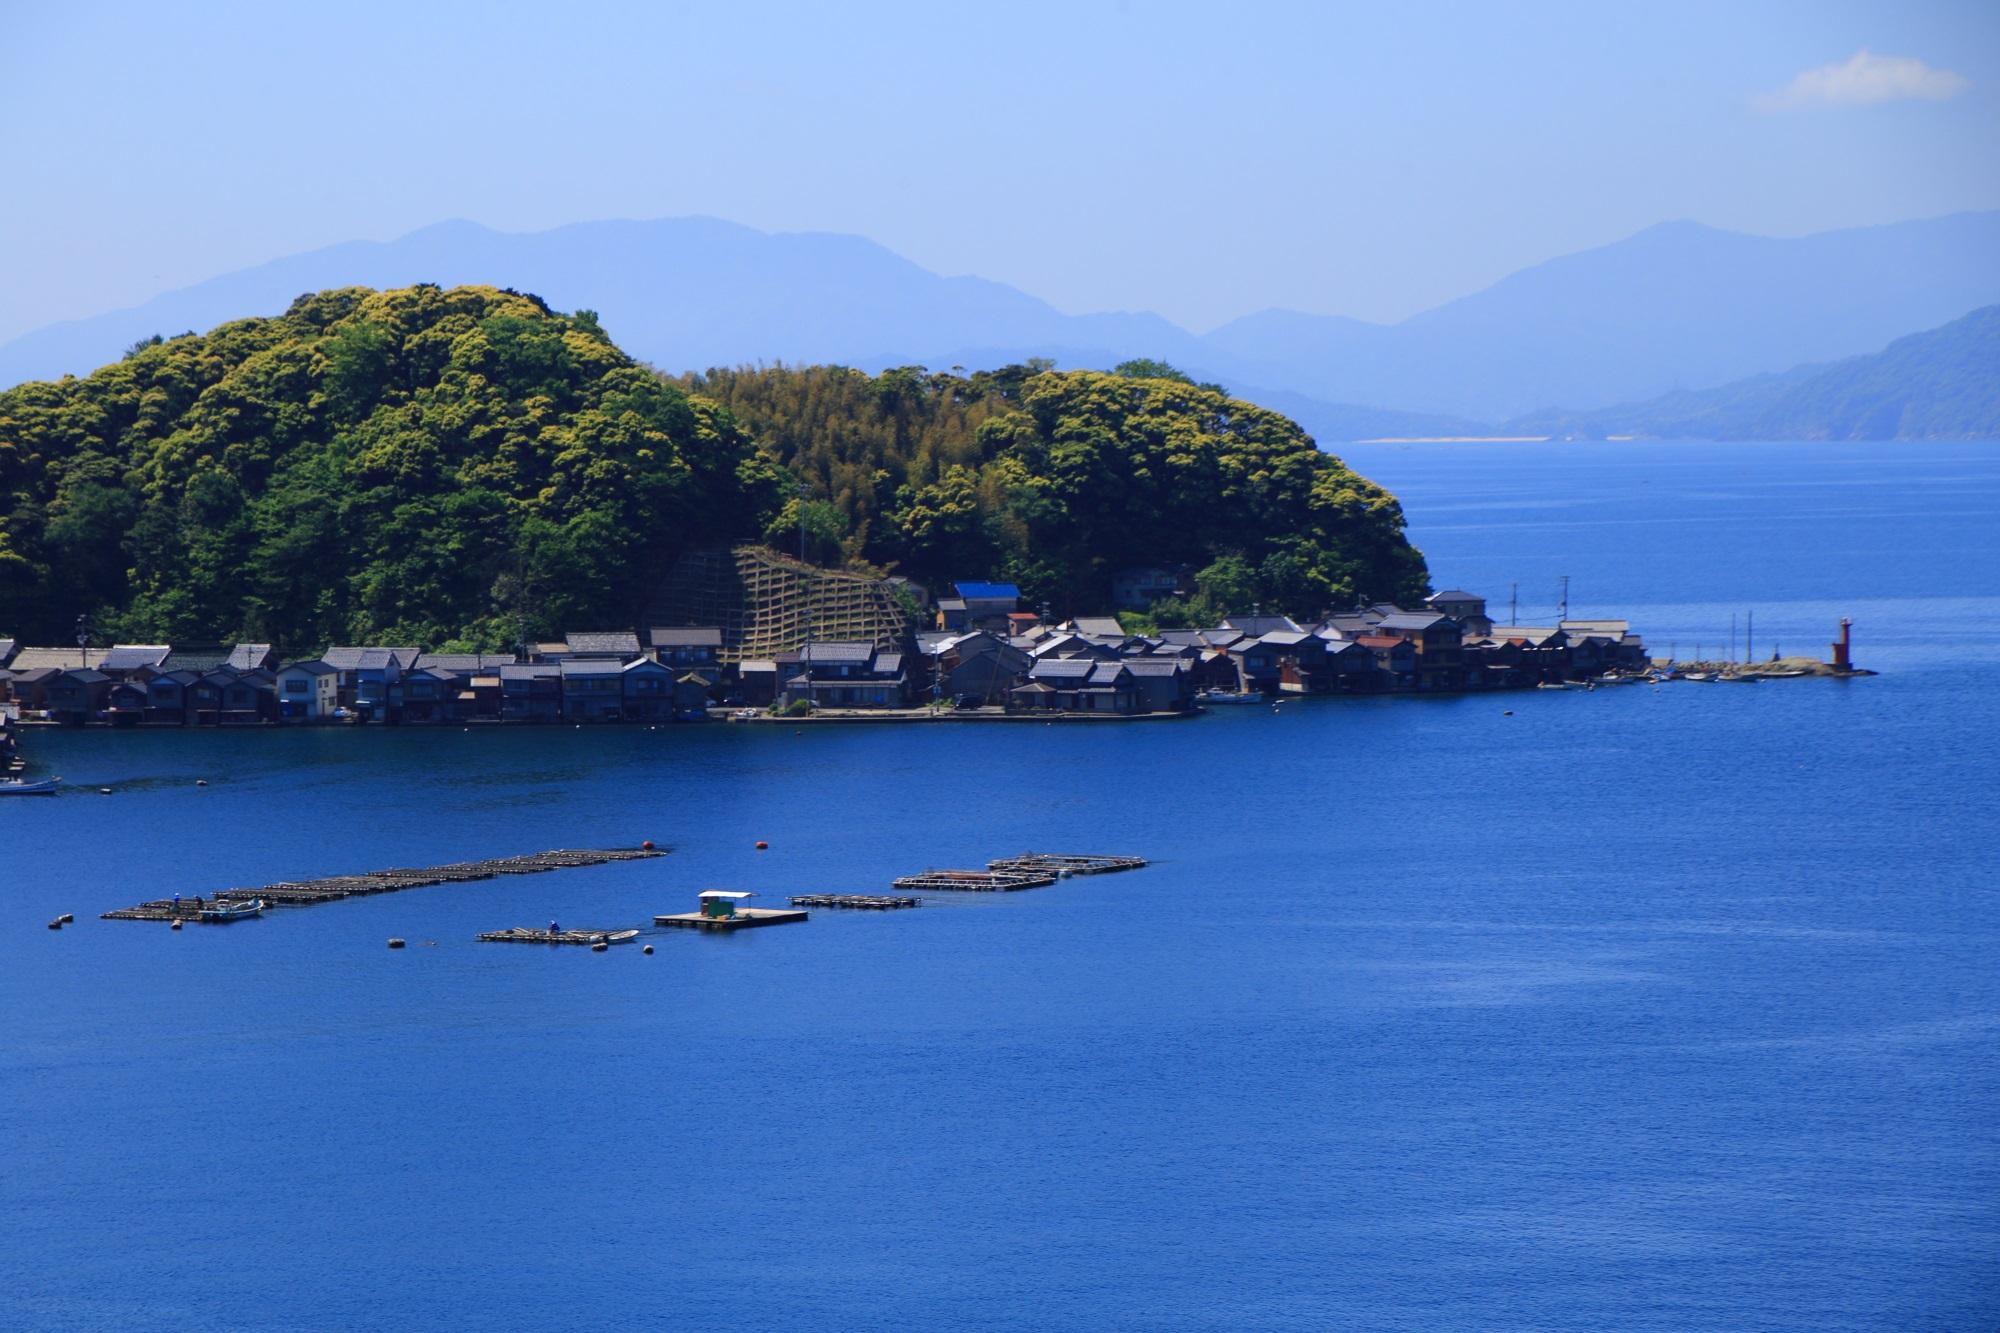 びっしりと舟屋が建ち並ぶ伊根湾の海辺